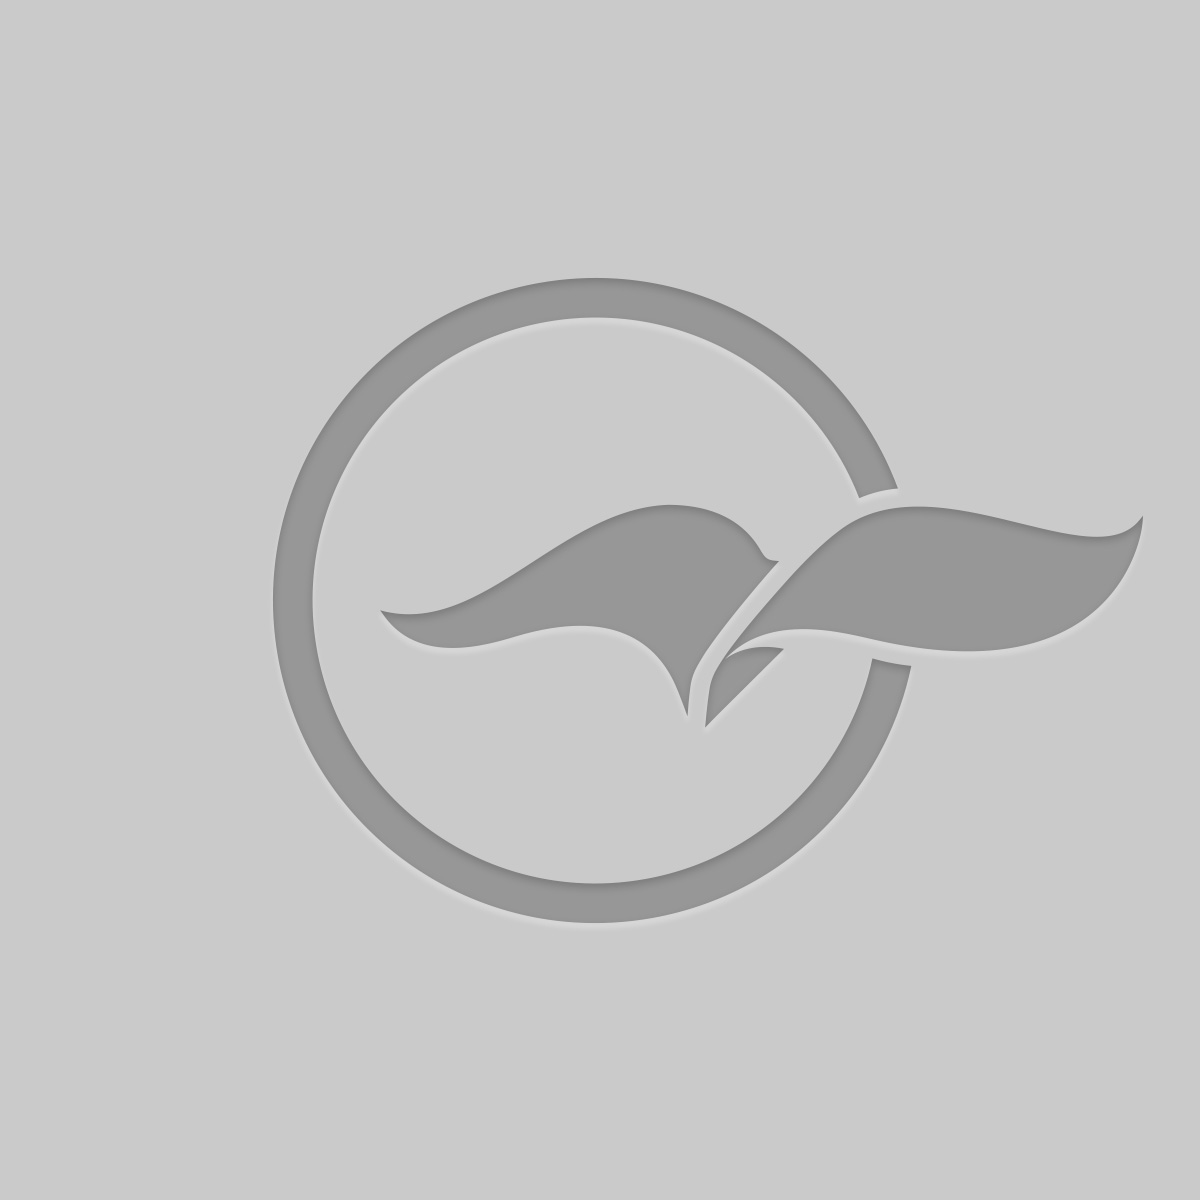 വീടുകളിലെ തീപിടിത്തം ബോധവത്കരണവുമായി സിവിൽ ഡിഫൻസ്